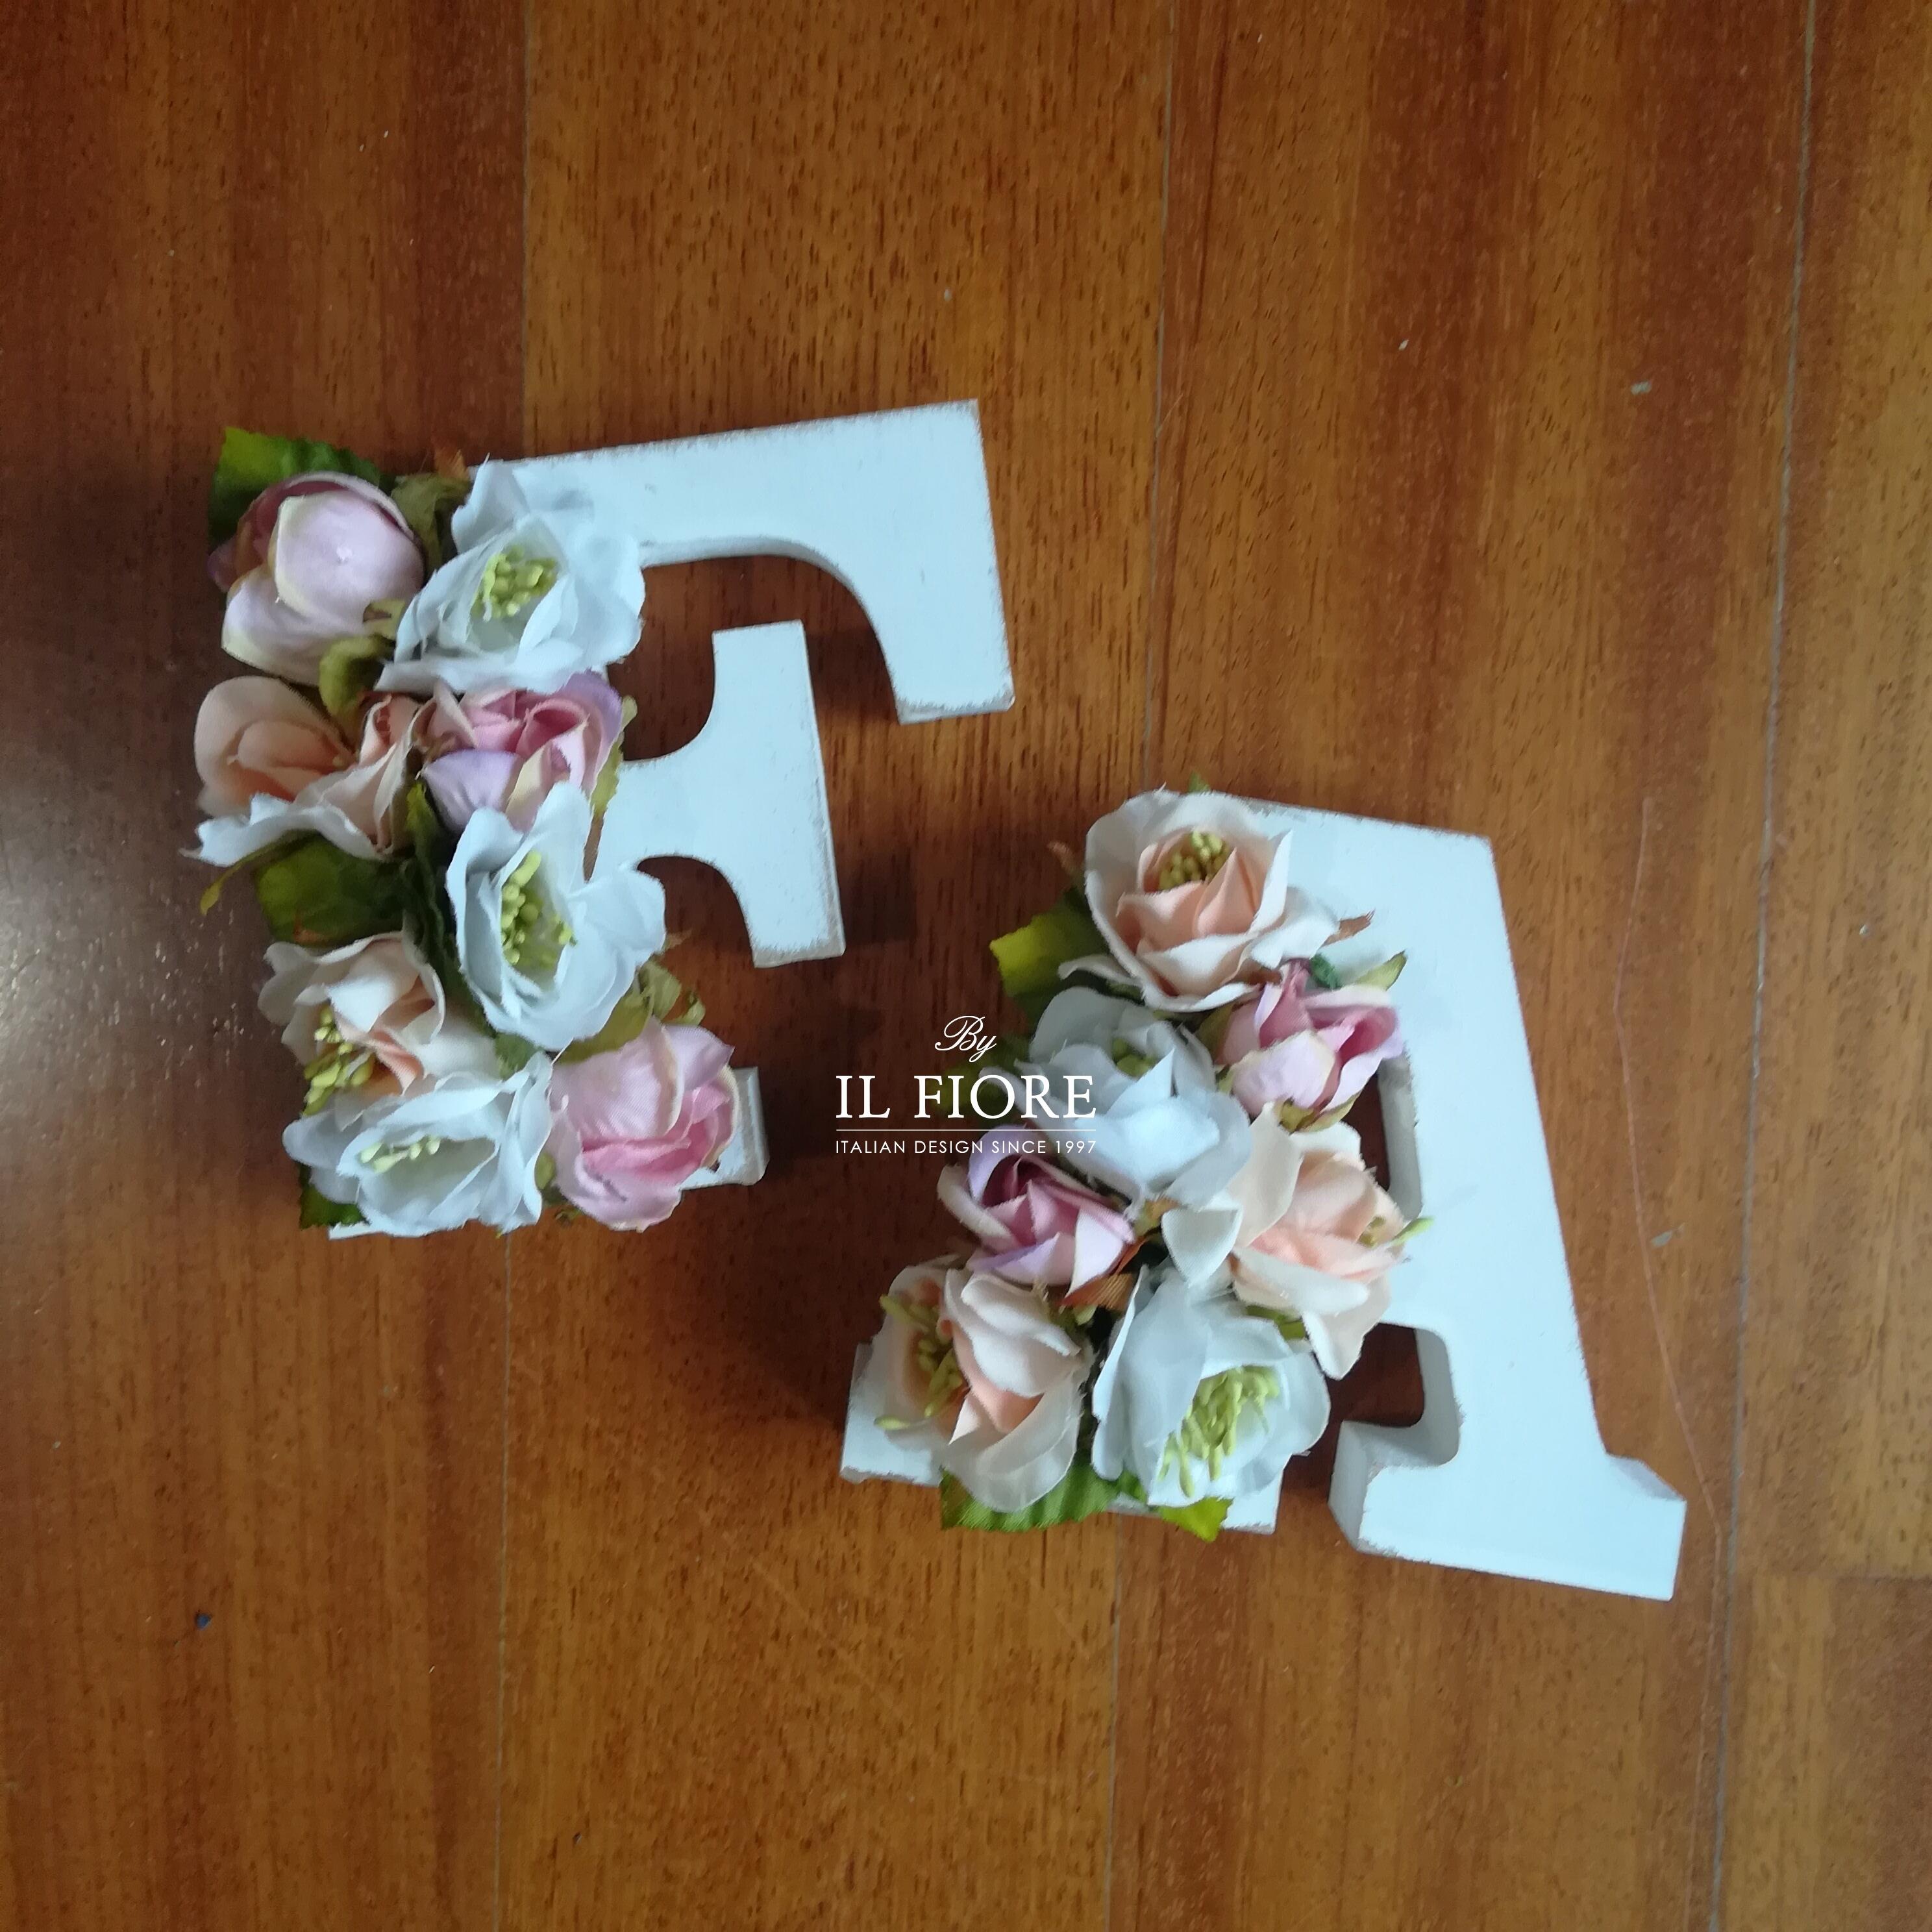 Bomboniere lettere personalizzabili con fiori - fuoriporta 010